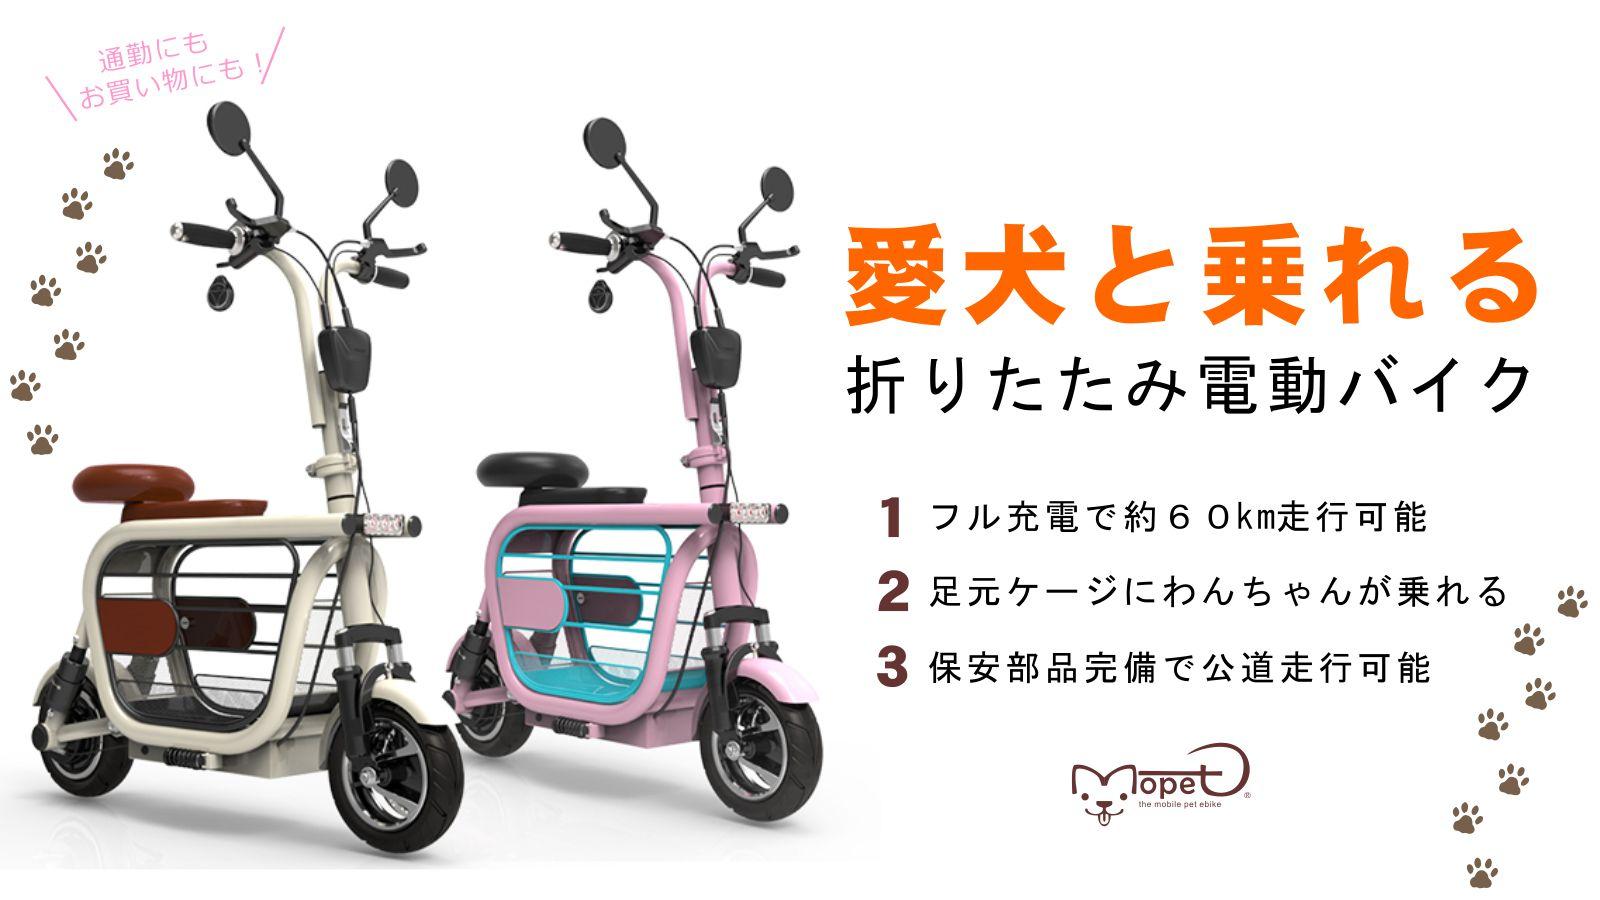 ペットと乗れるEバイク【モペット】Makuake(マクアケ)にて先行販売決定!